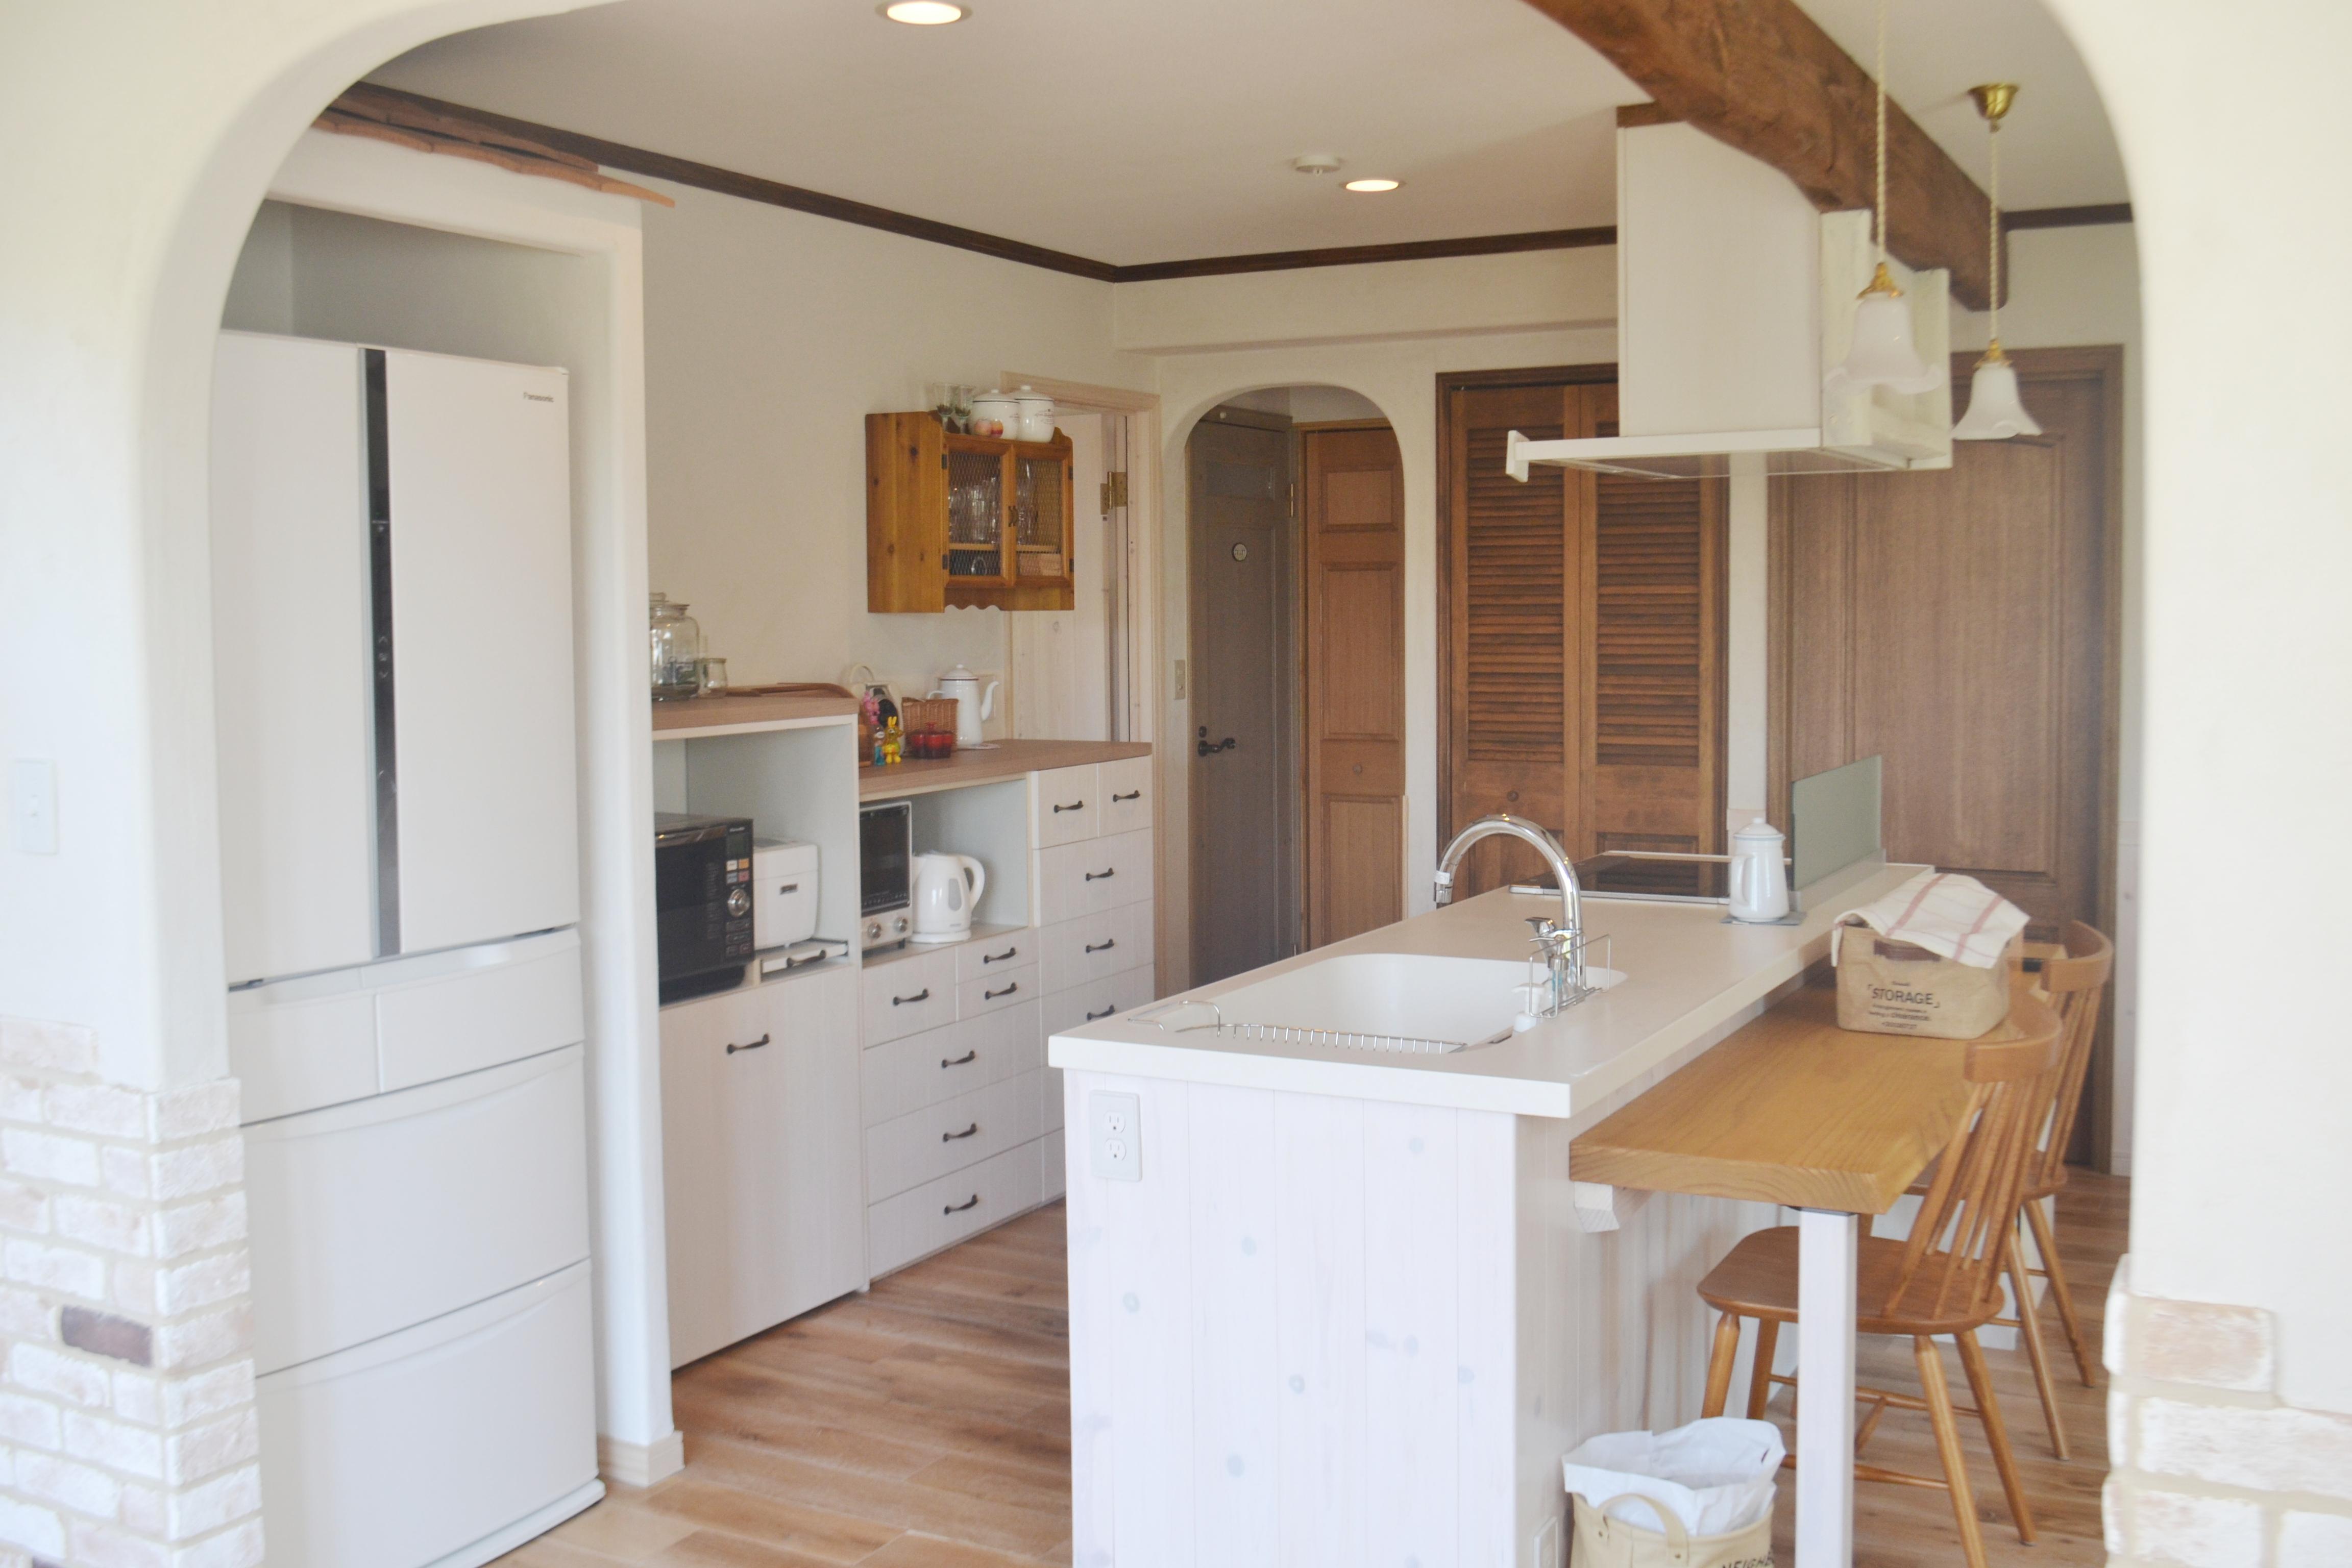 ナチュラルな白のかわいいキッチン